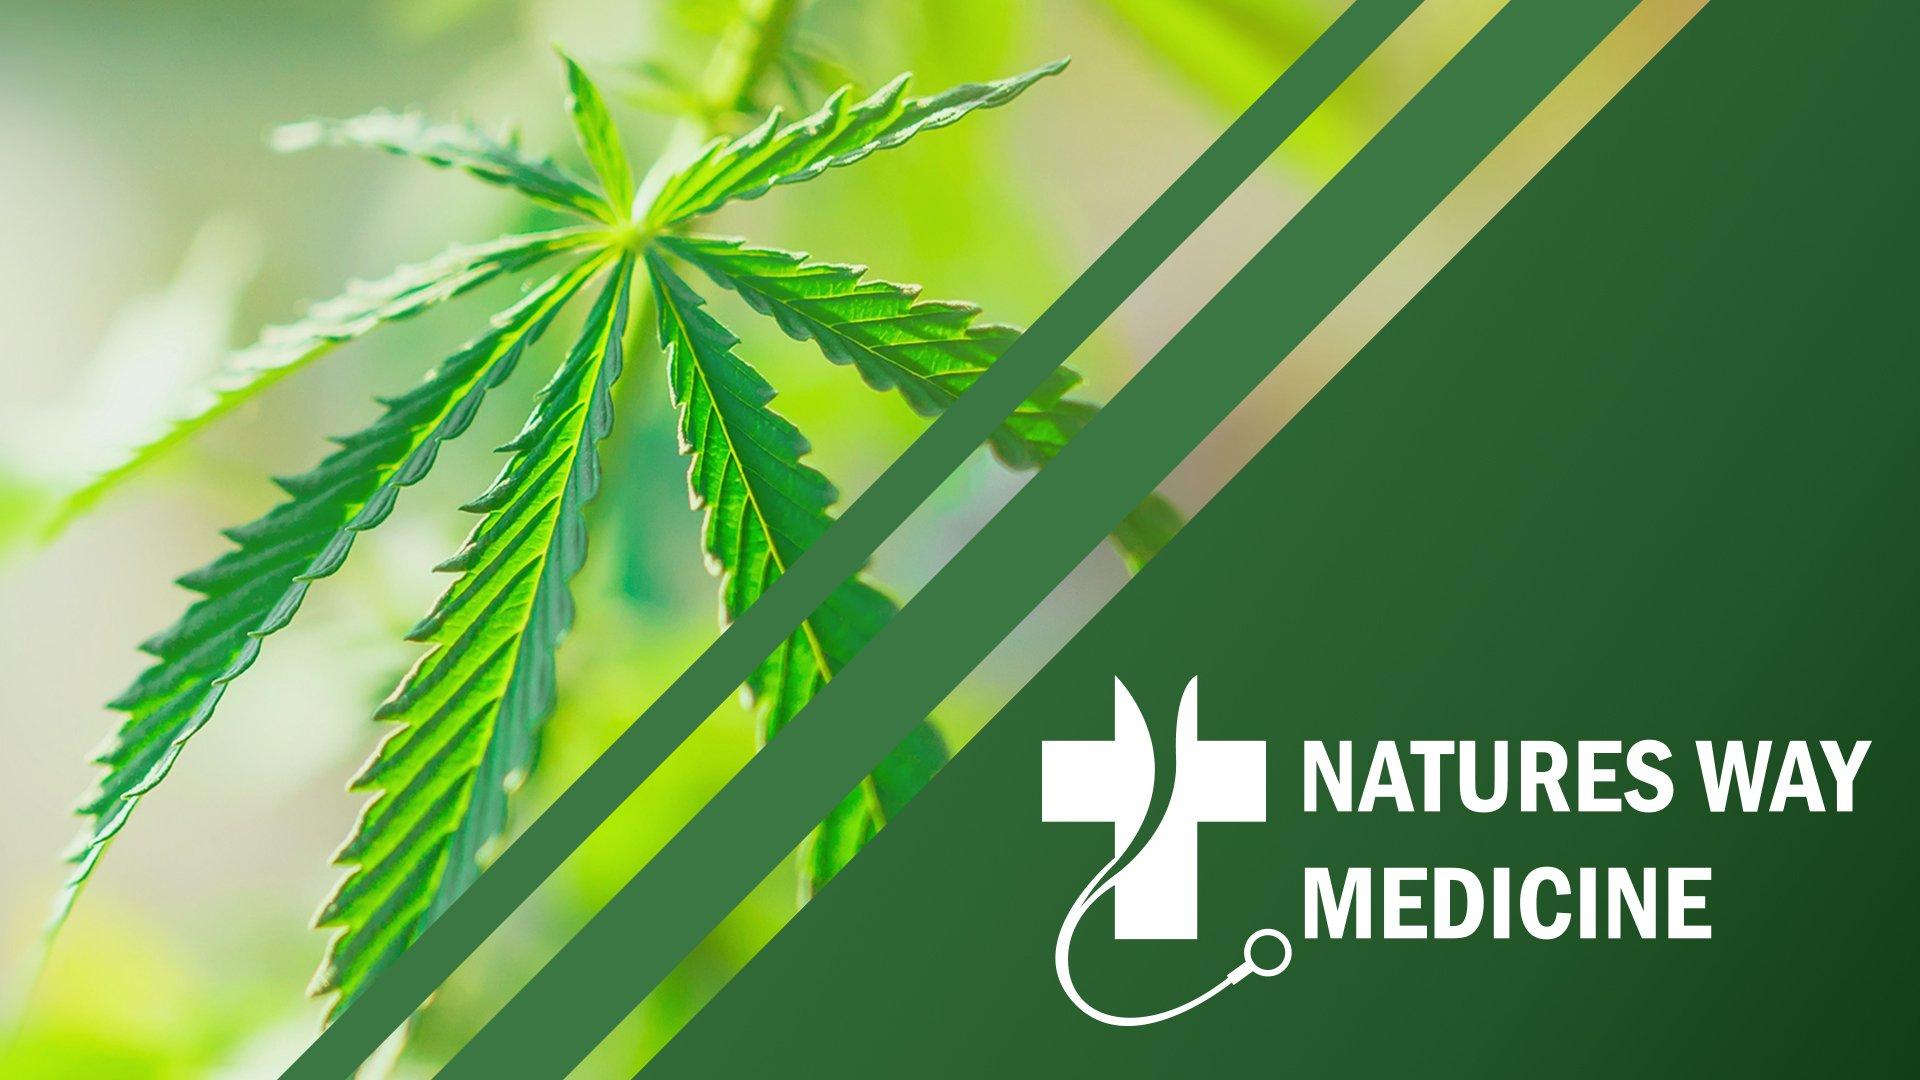 Natures Way medicine Banner